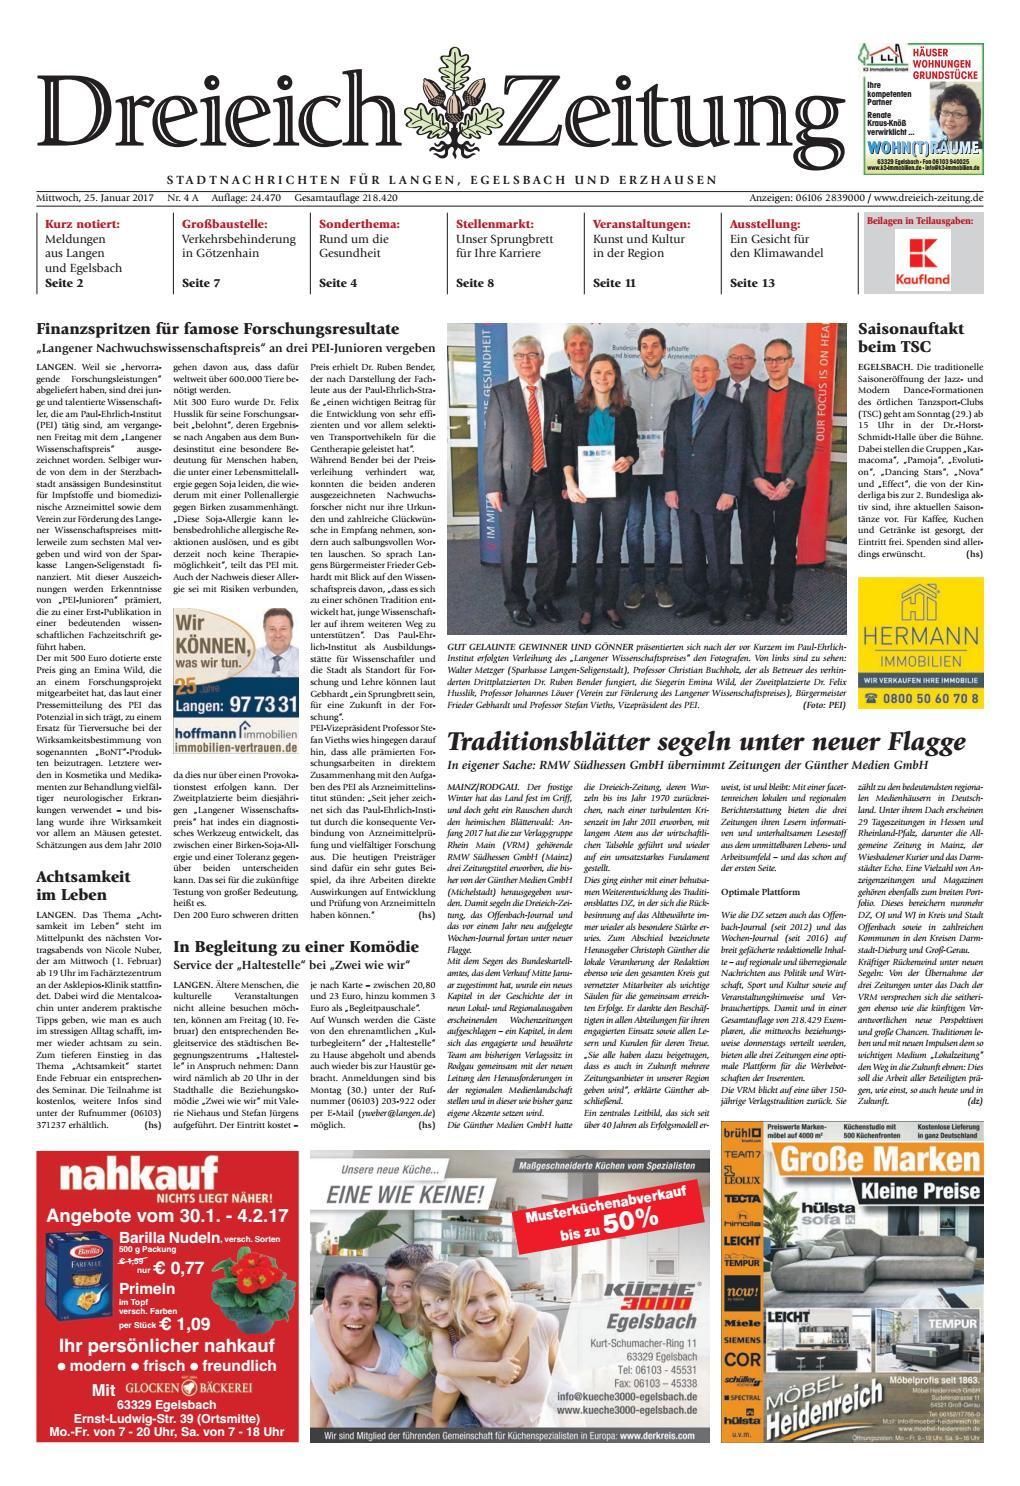 Dz online 8 8 a by Dreieich Zeitung/Offenbach Journal   issuu